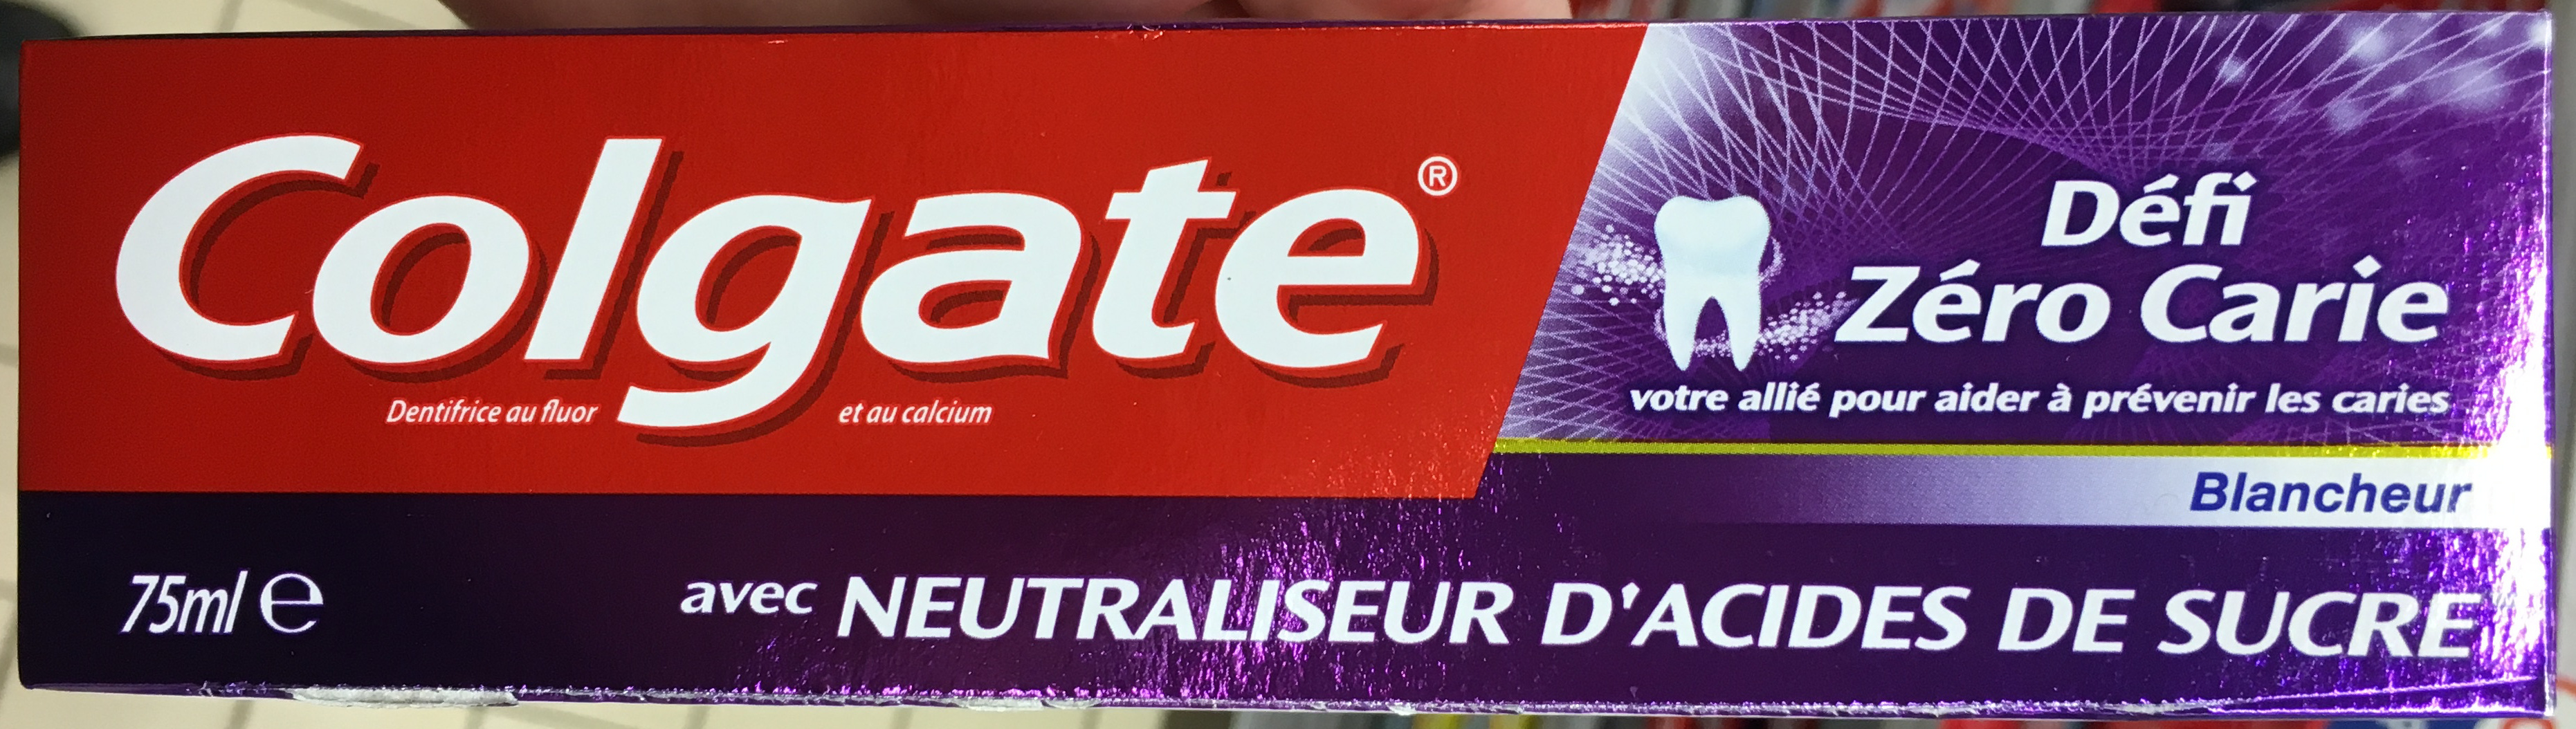 Défi Zéro Carie Blancheur avec neutraliseur d'acides de sucre - Product